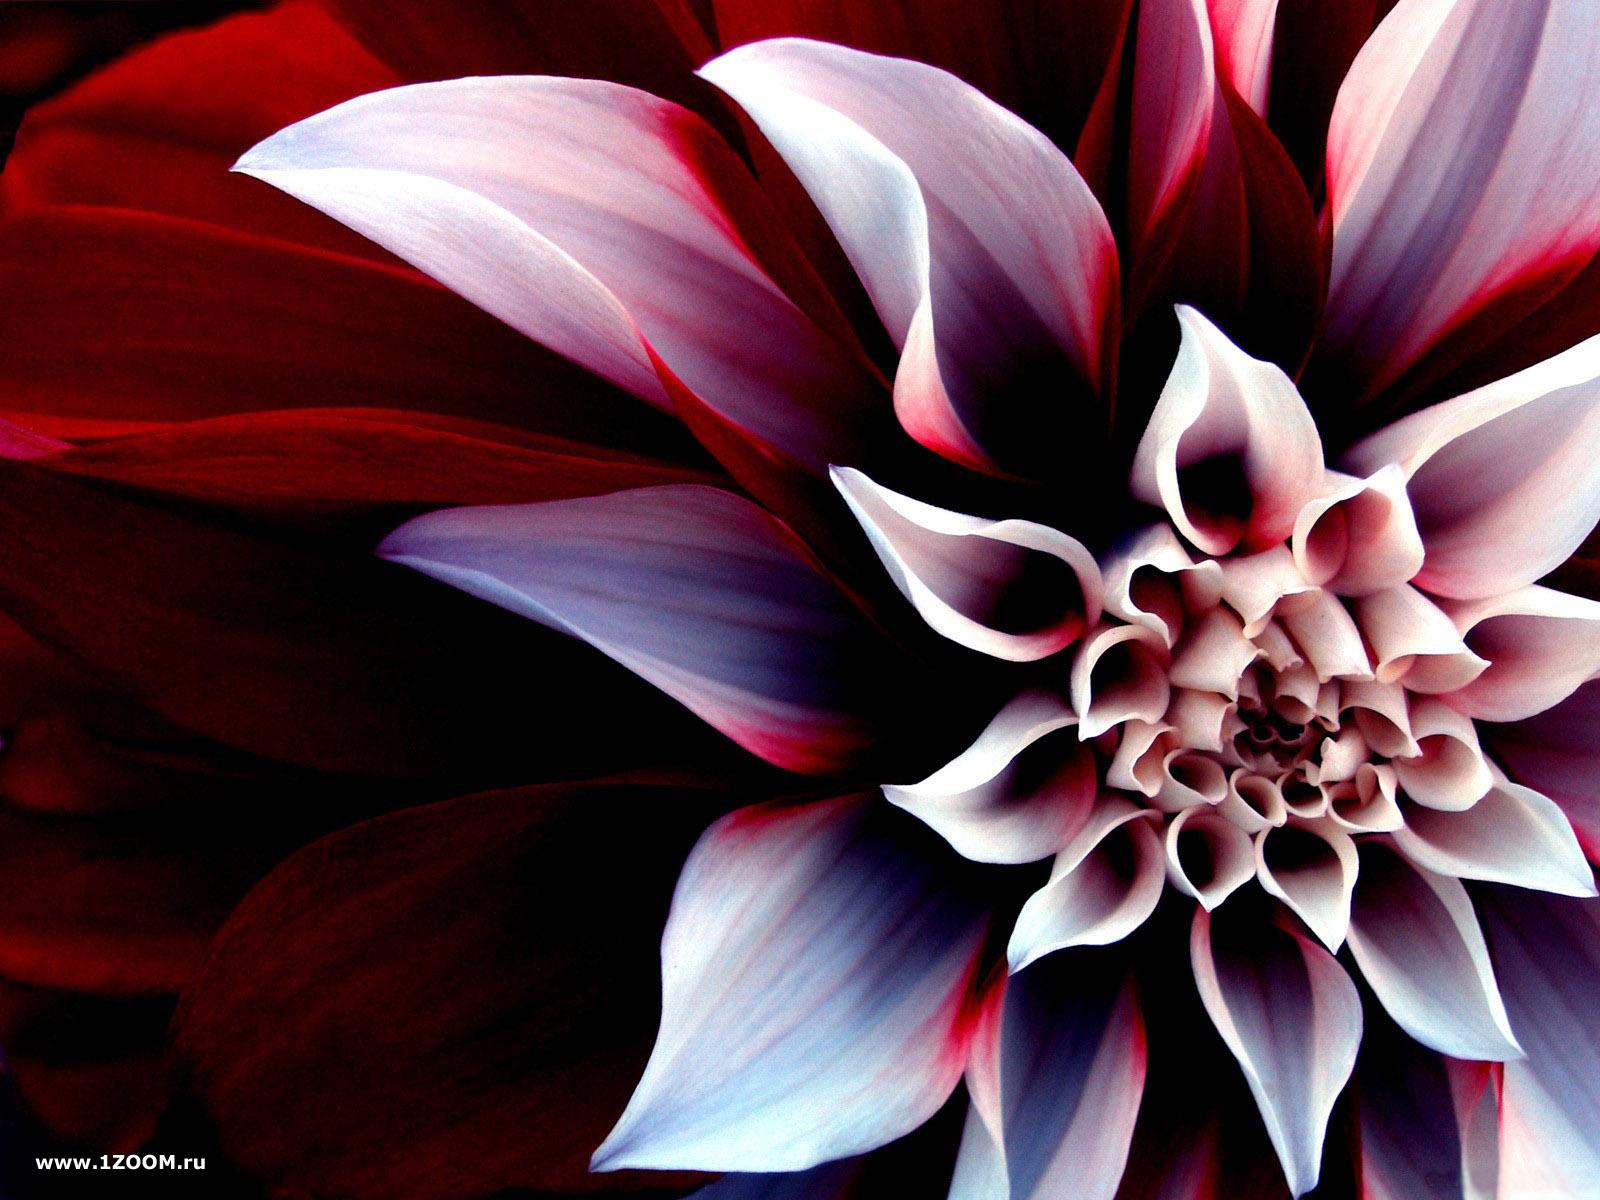 Исполняющий обязанности смотреть цветы на картинках целоваться первый раз: